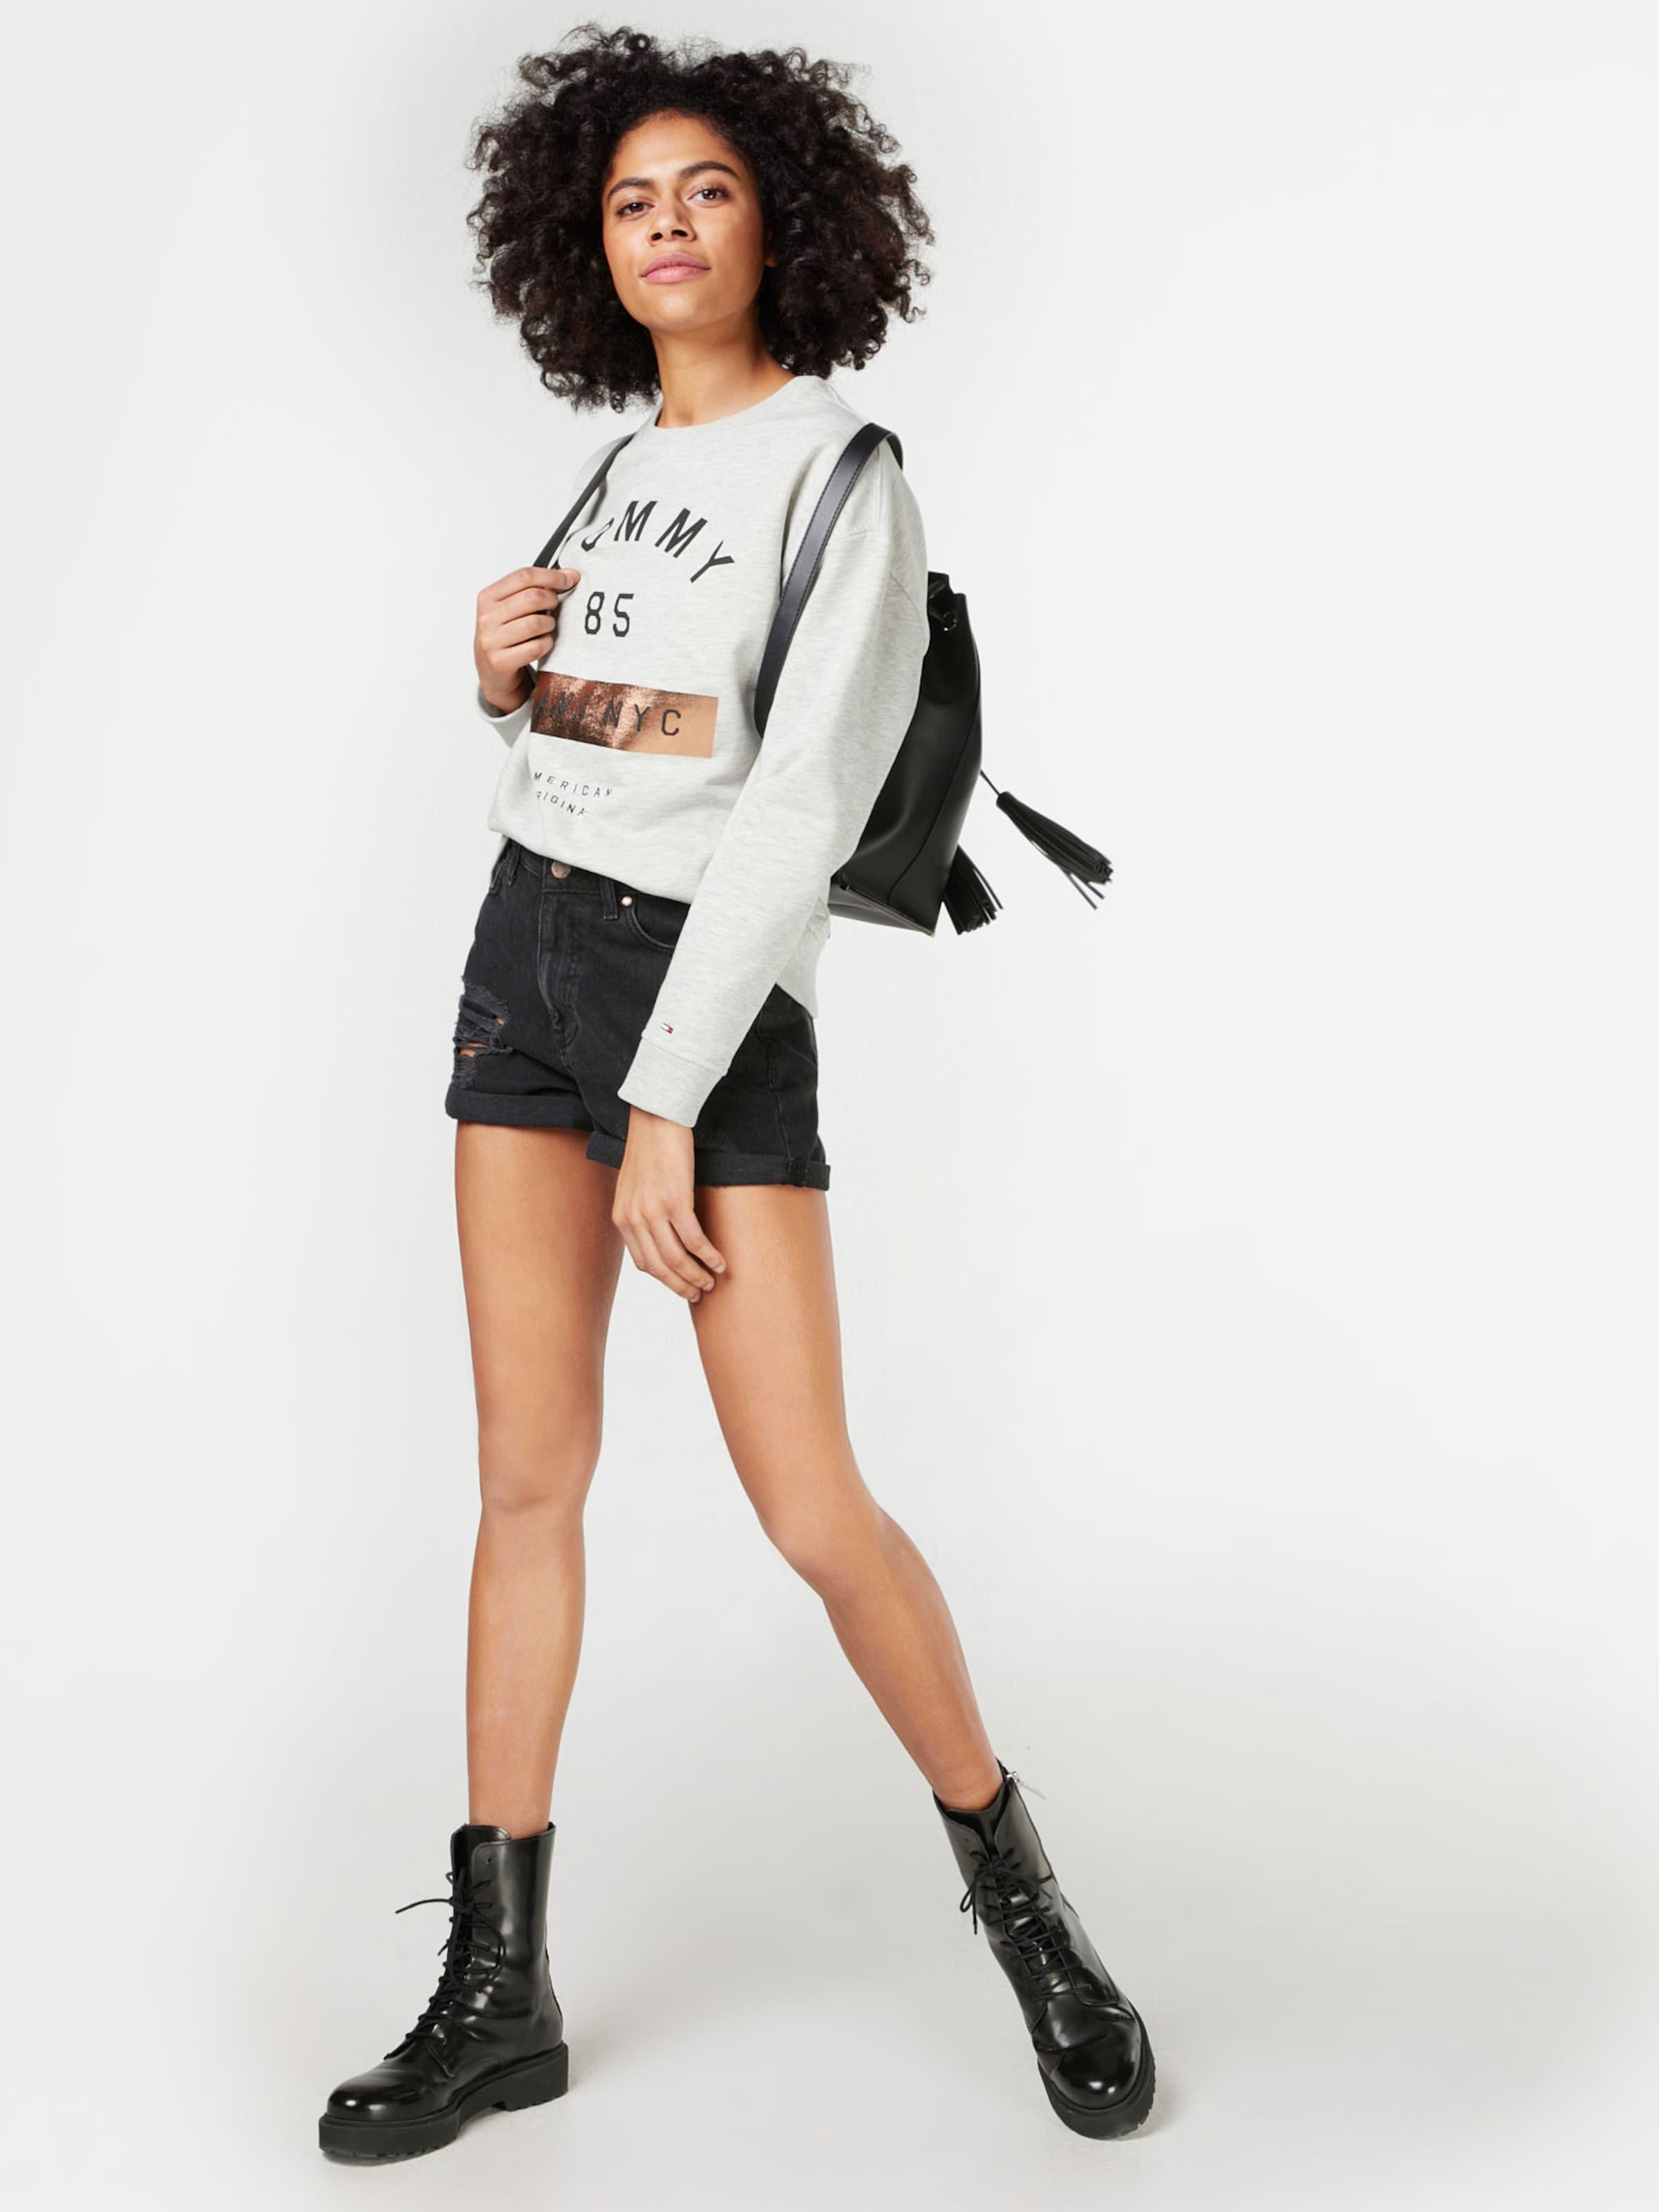 Spielraum Tommy Jeans Sweatshirt 'TJW GRAPHIC' Günstig Kaufen Bilder Günstig Kaufen Eastbay Steckdose Neu Freies Verschiffen Verkaufsschlager 5ayVlxv98e